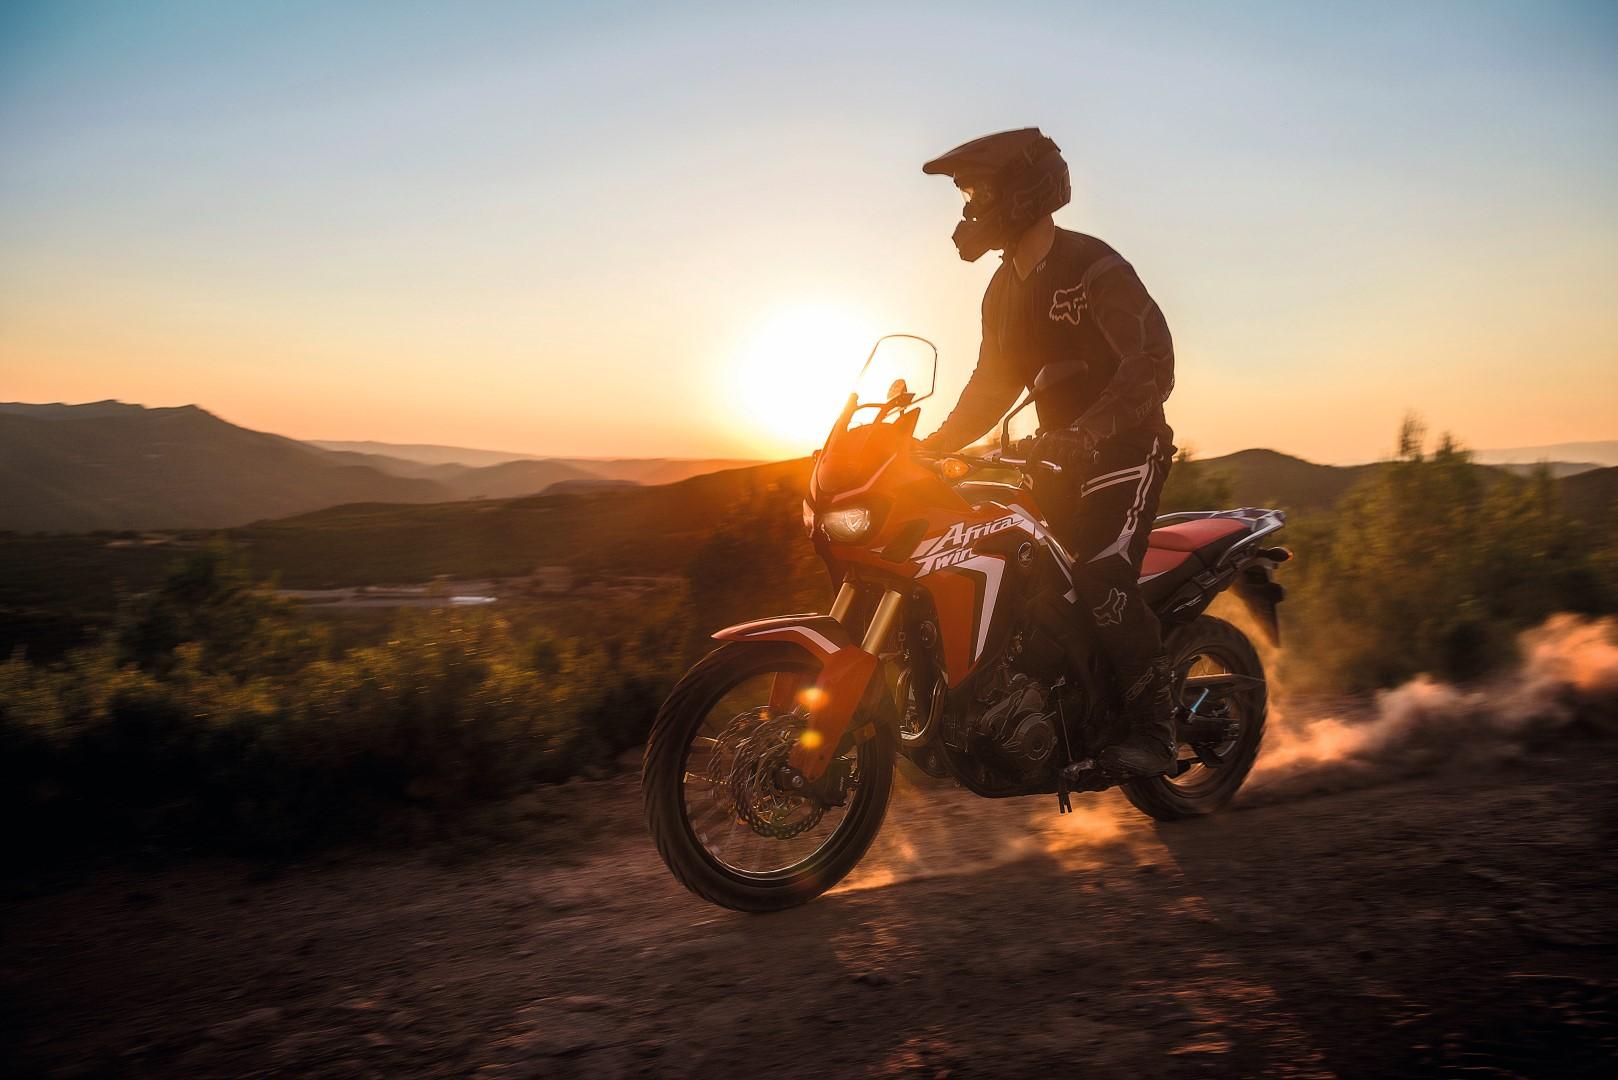 La esencia de la Honda Africa Twin, en el desierto